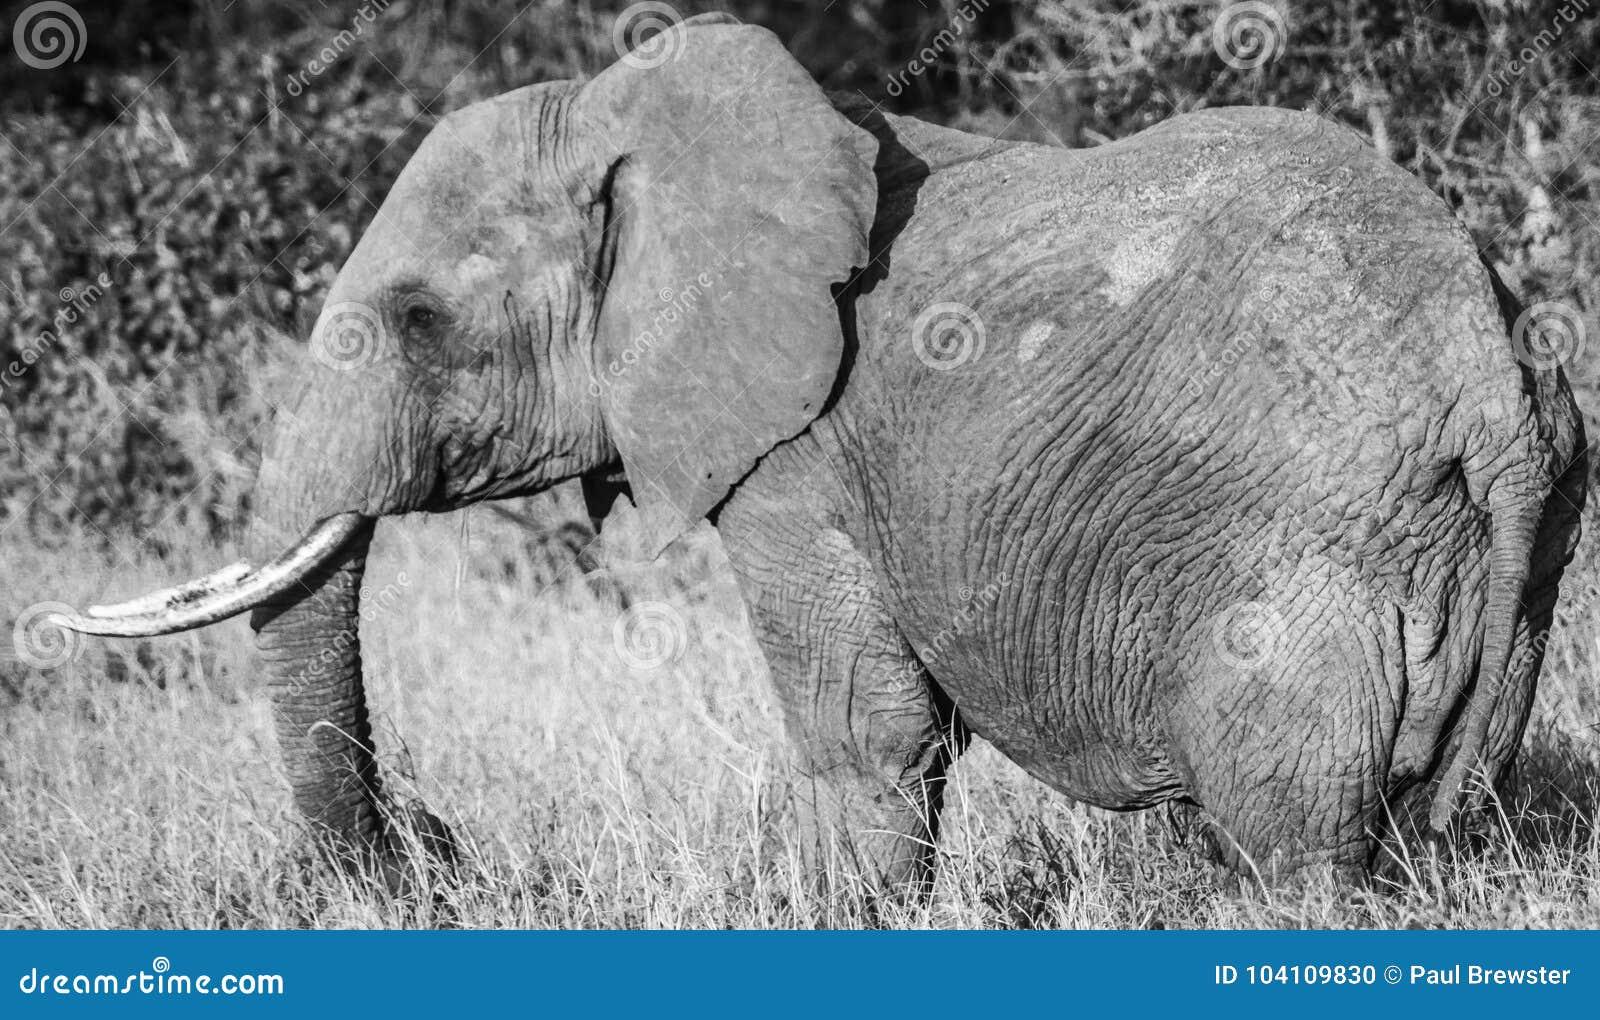 Lone Elephant Black And White Tsavo West National Park Kenya Africa